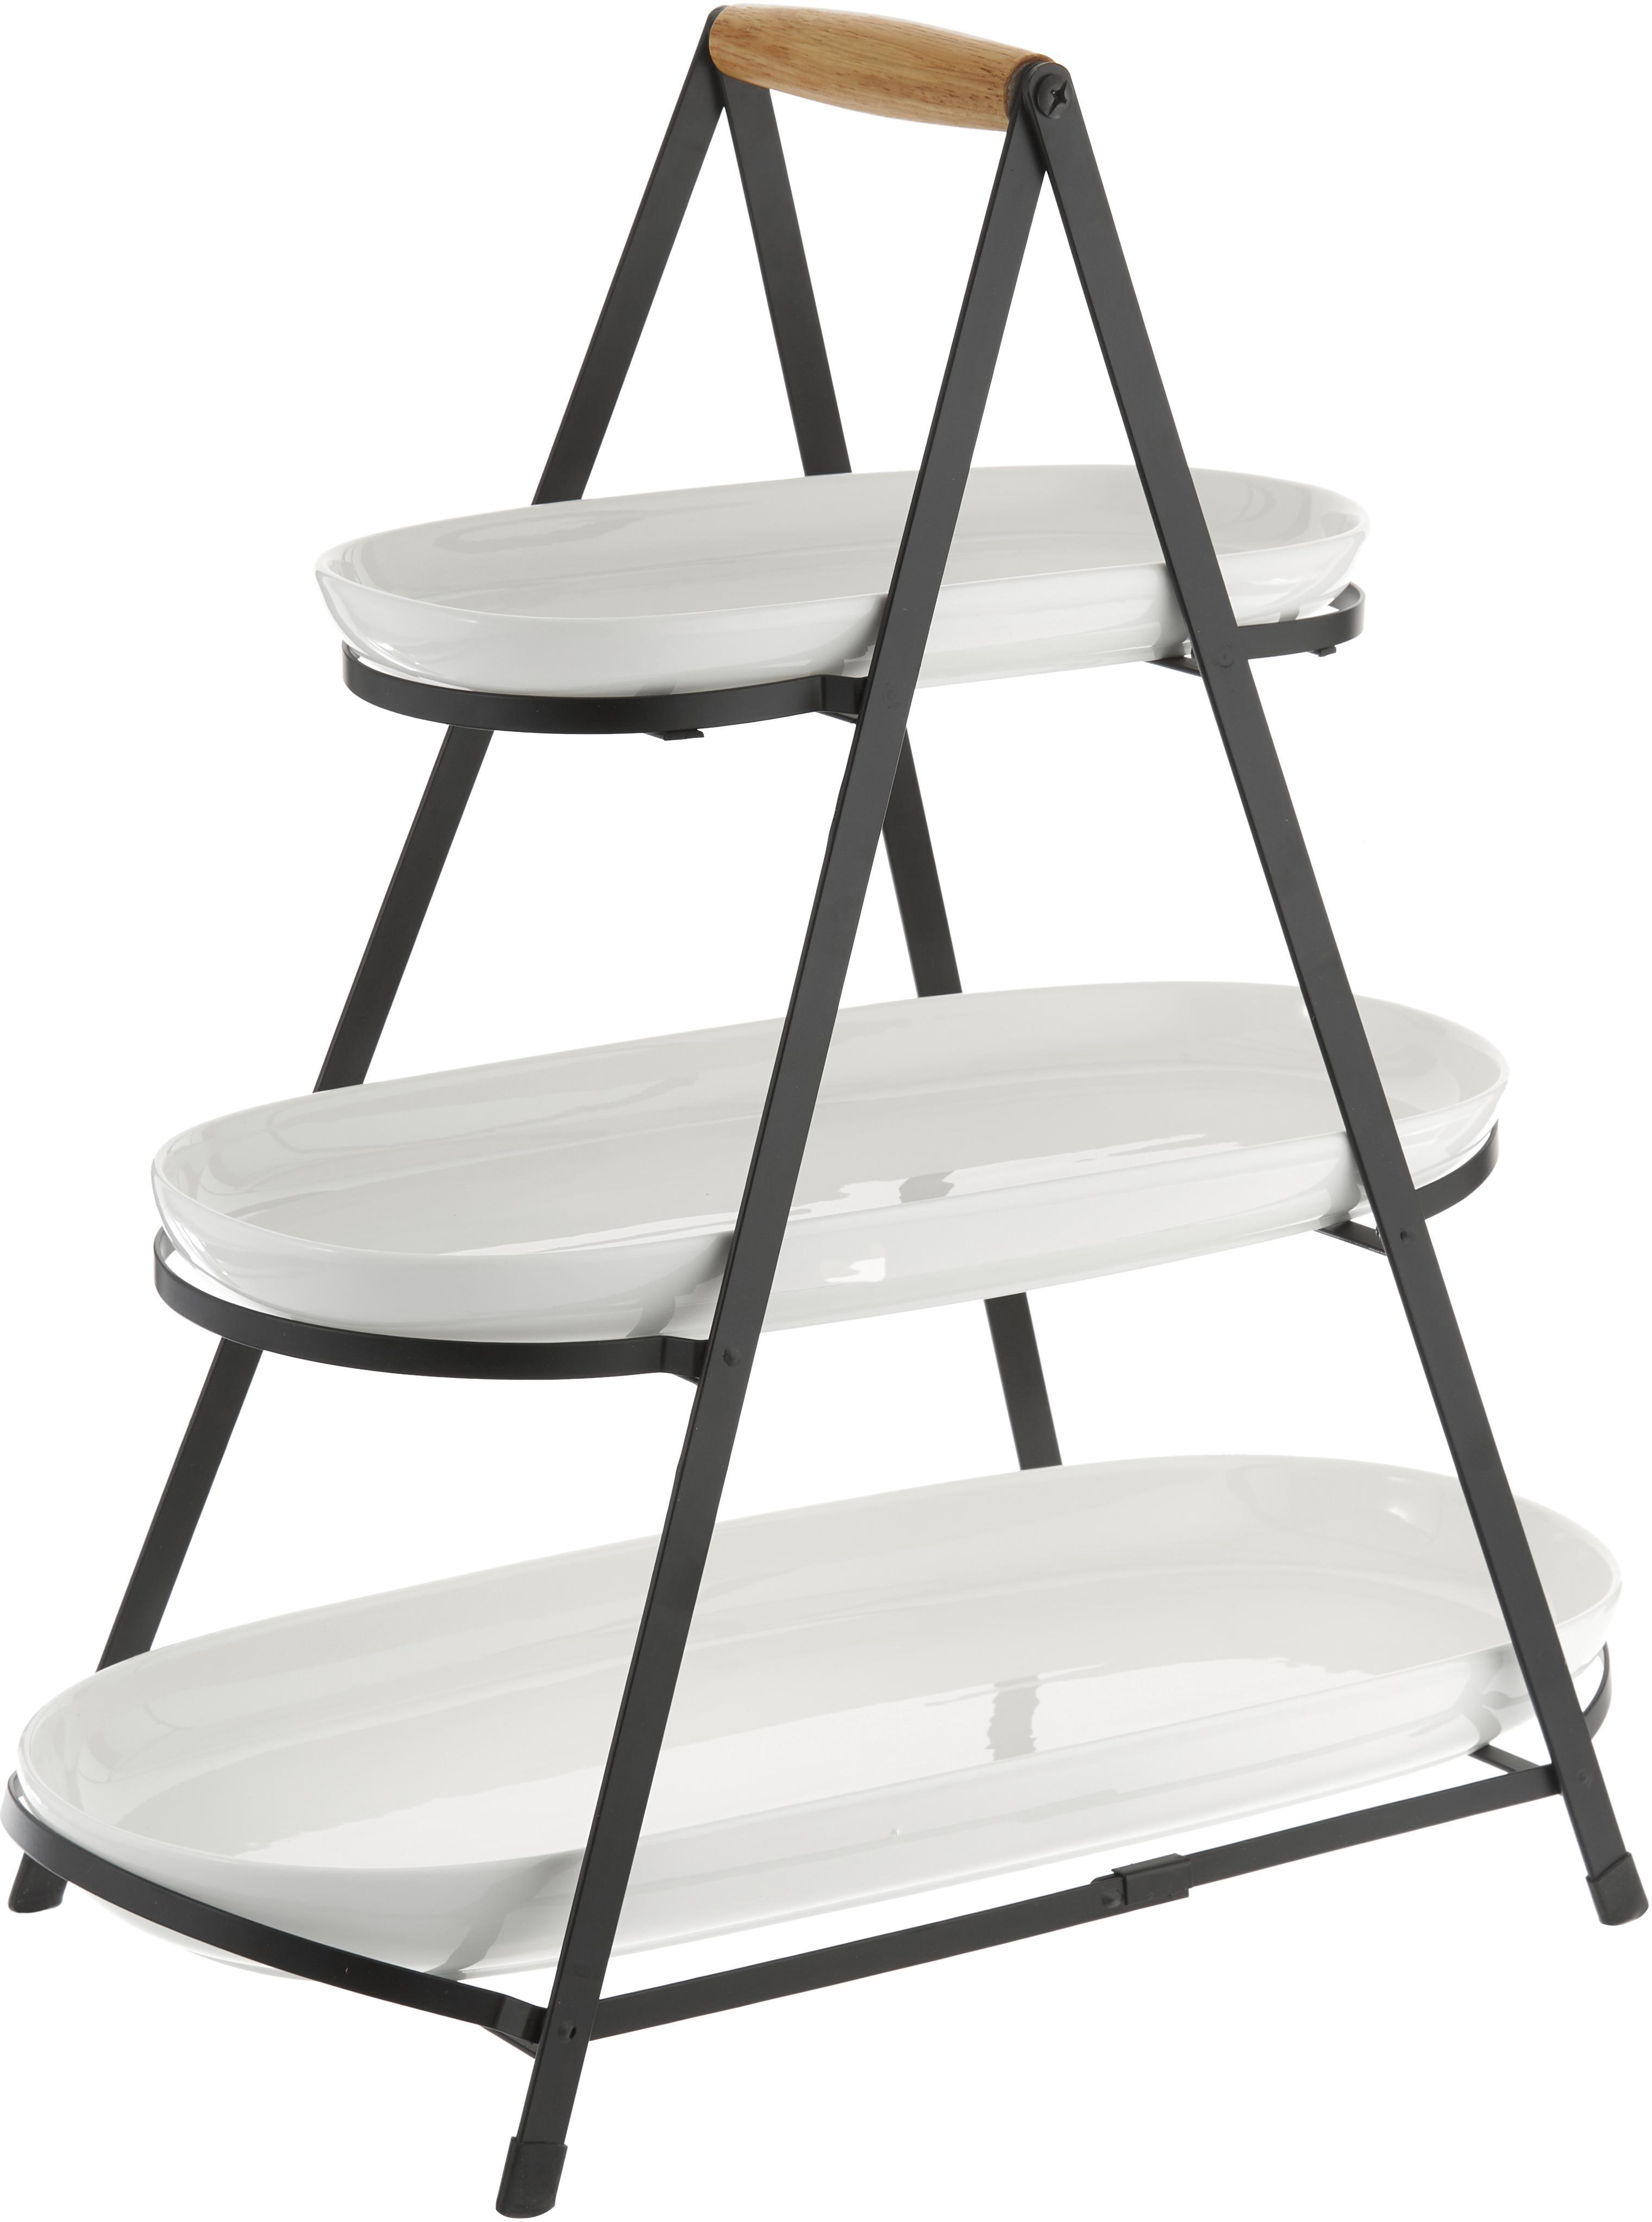 Etagere con ripiani estraibili Tower, Ripiani: porcellana, Struttura: metallo, Manico: legno, Bianco, nero, legno, Larg. 50 x Alt. 55 cm